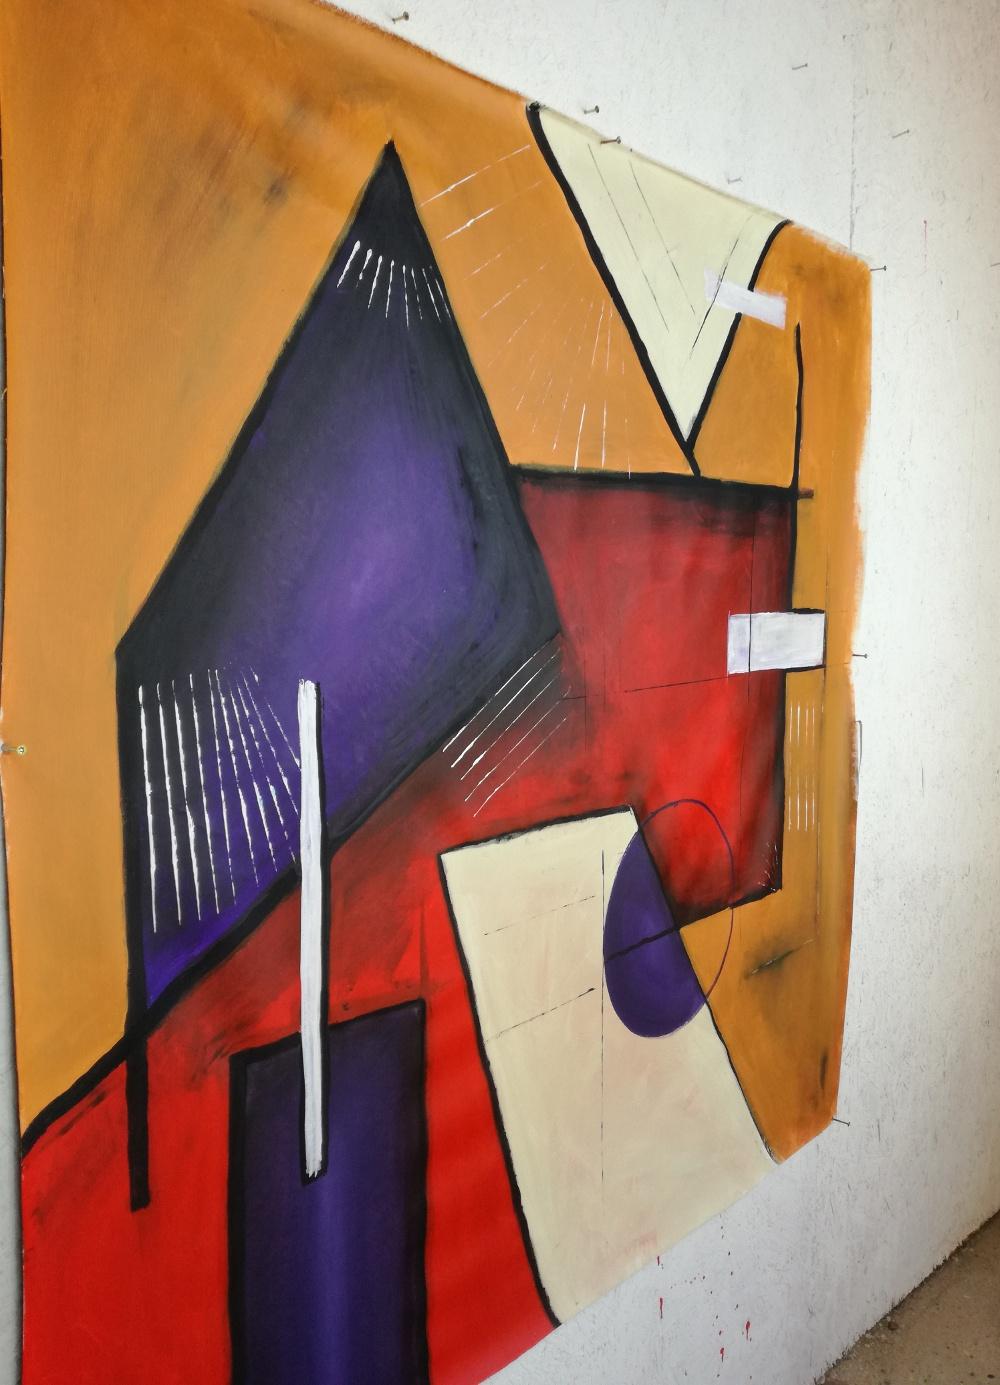 quadri moderni geometrici b22dx - quadri moderni geometrici 120x120